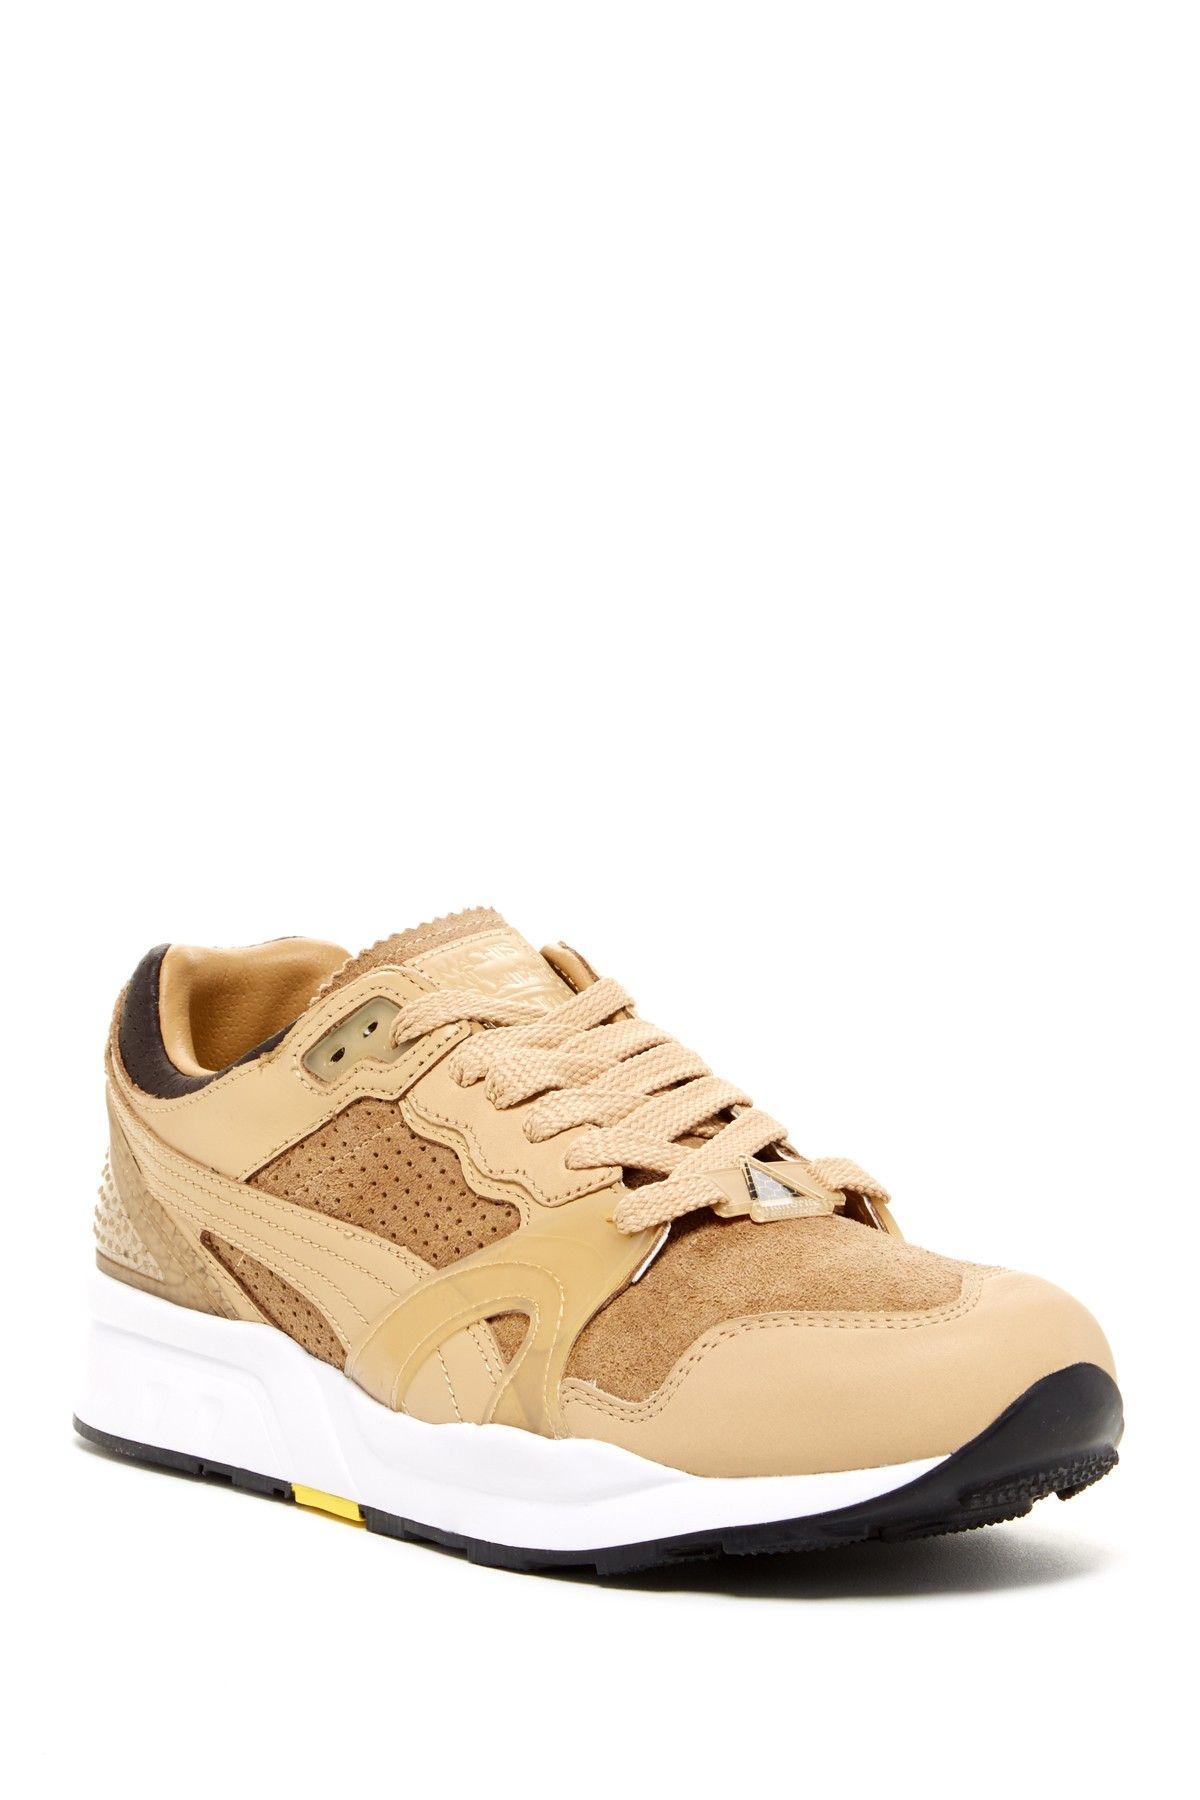 PUMA | XT2 MMQ Sneaker | Kicks shoes, Sneakers, Mens fashion ...